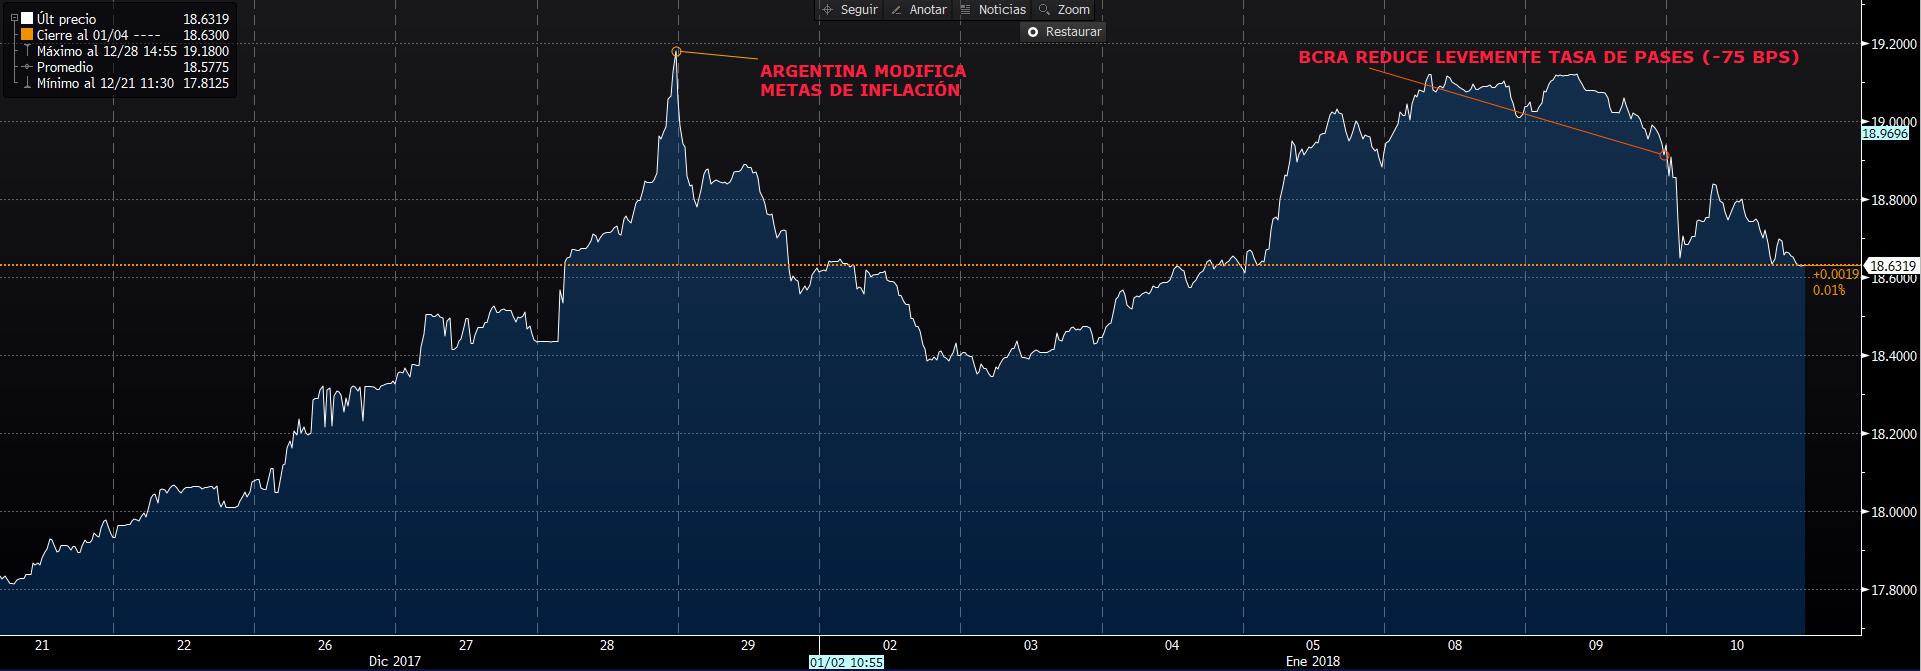 Dólar en Argentina: ¿Encontró un techo de corto plazo?